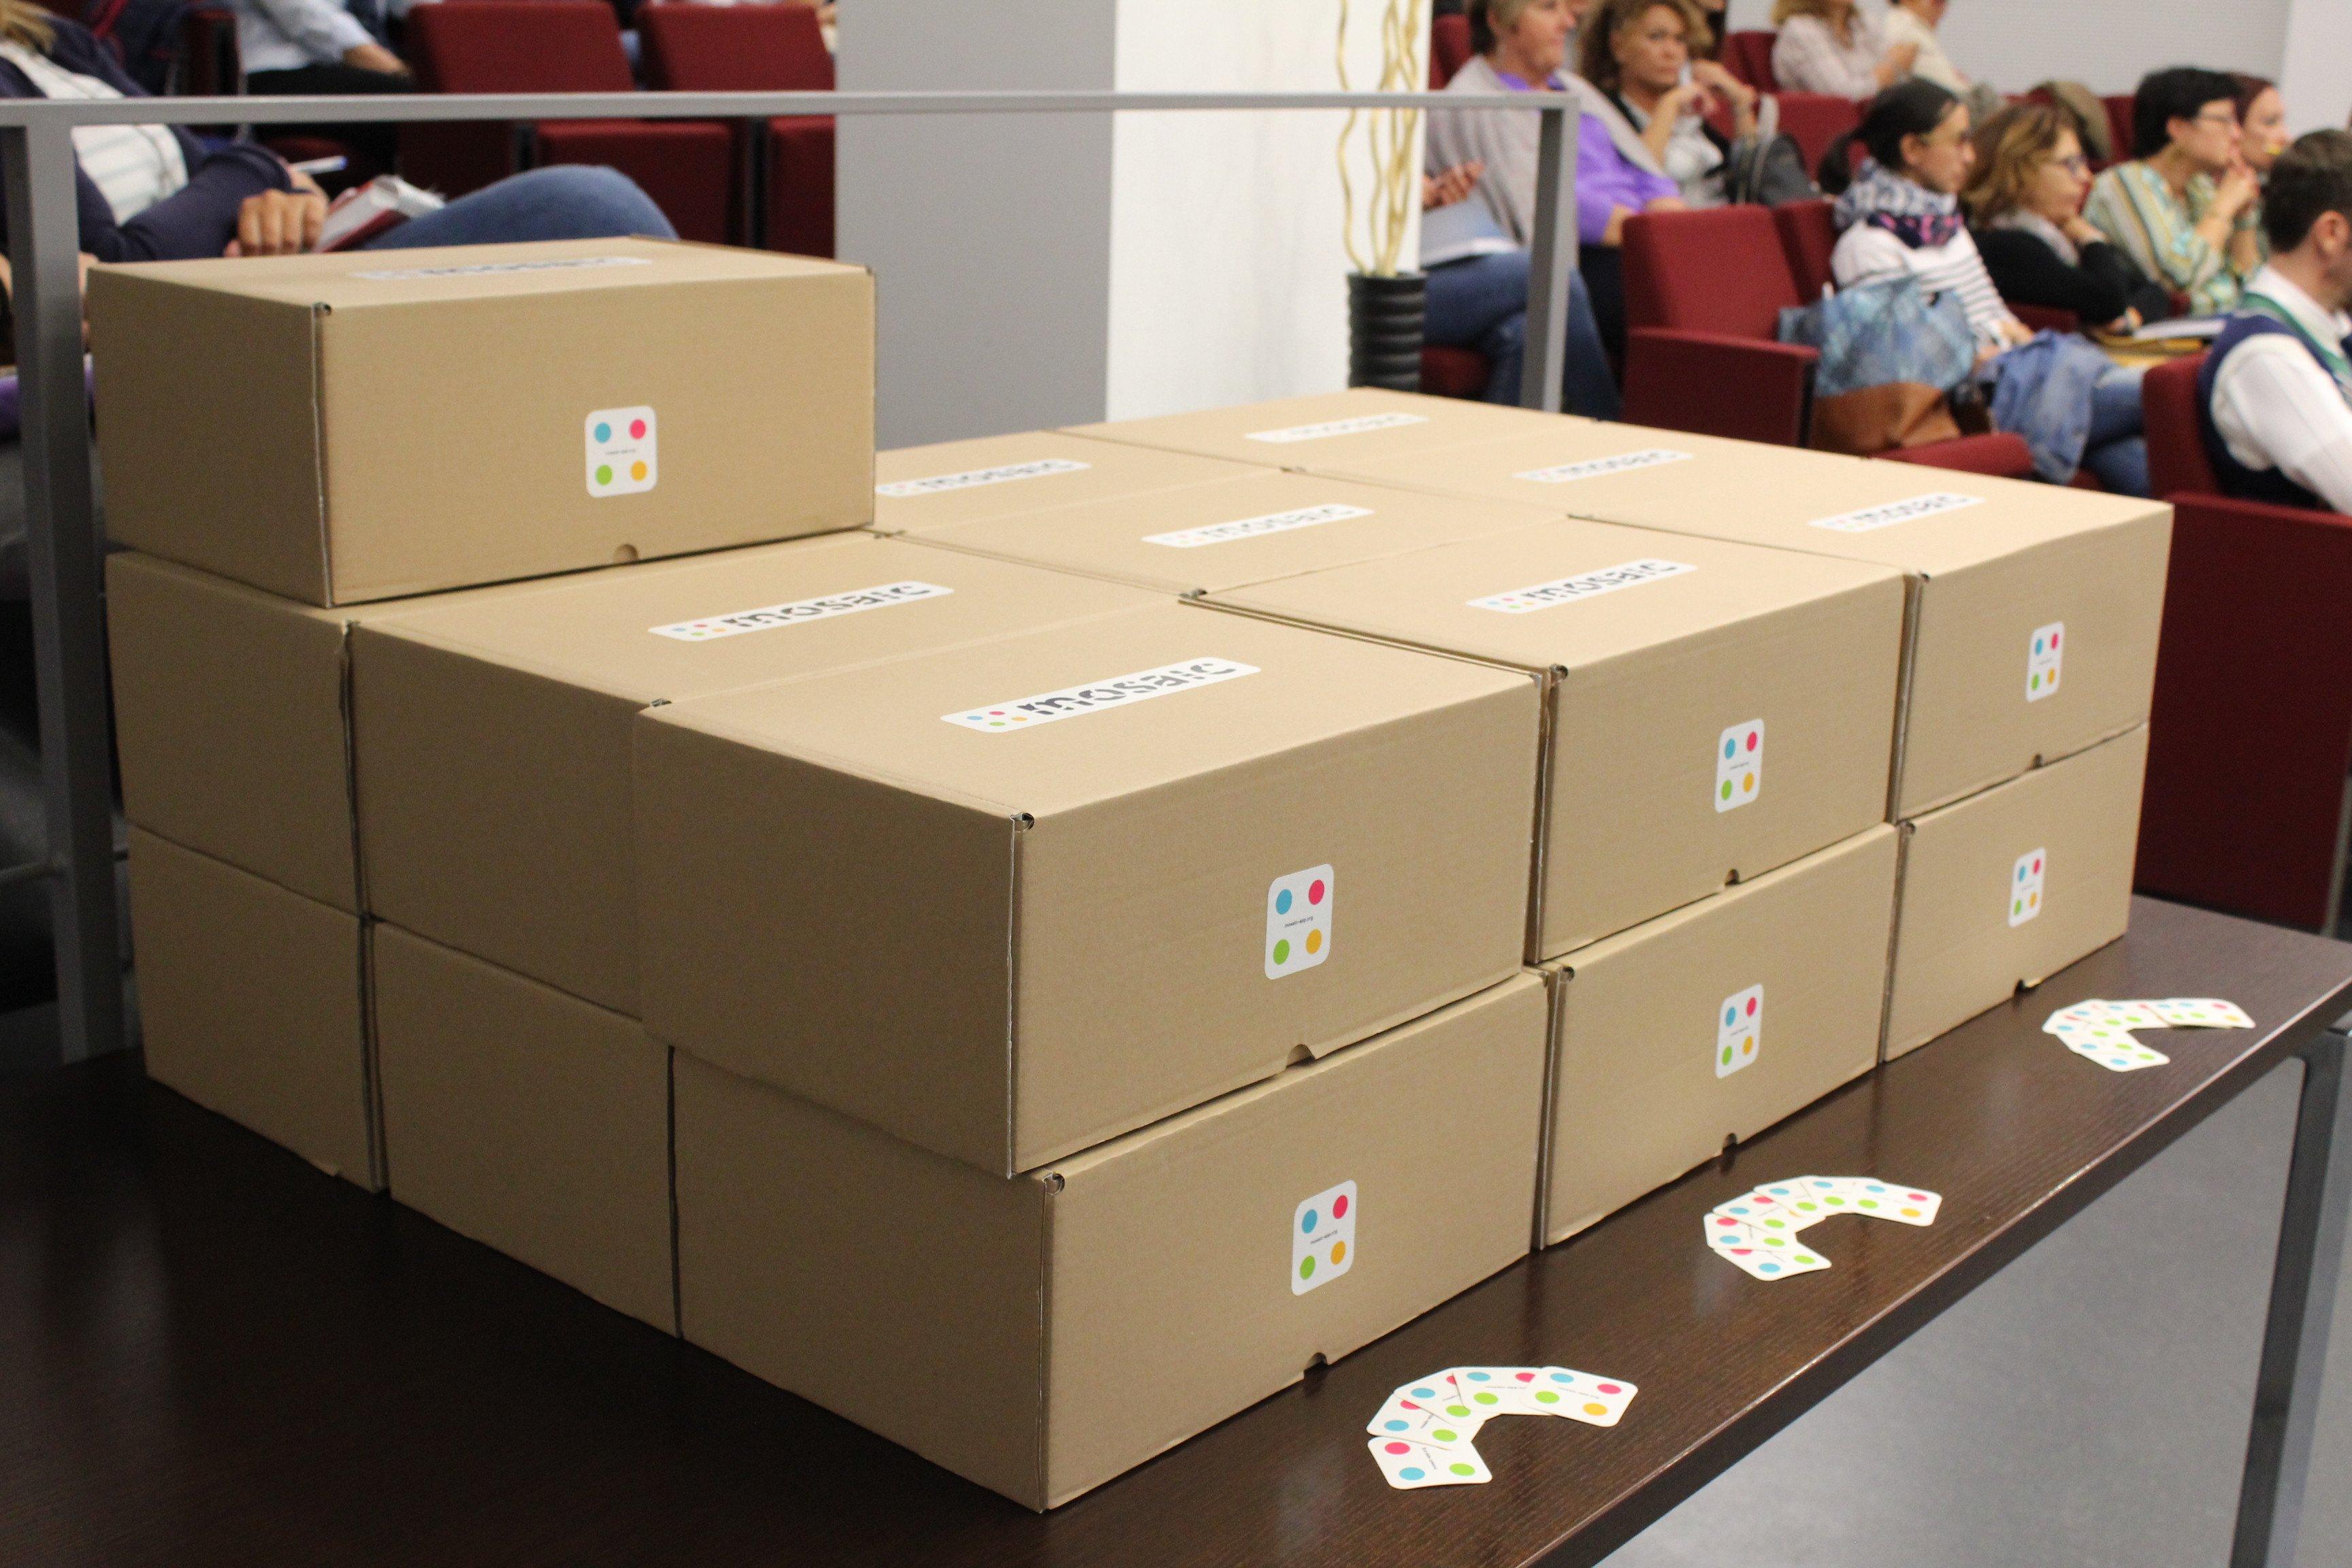 Le scatole dei Kit MOSAIC pronte per la consegna